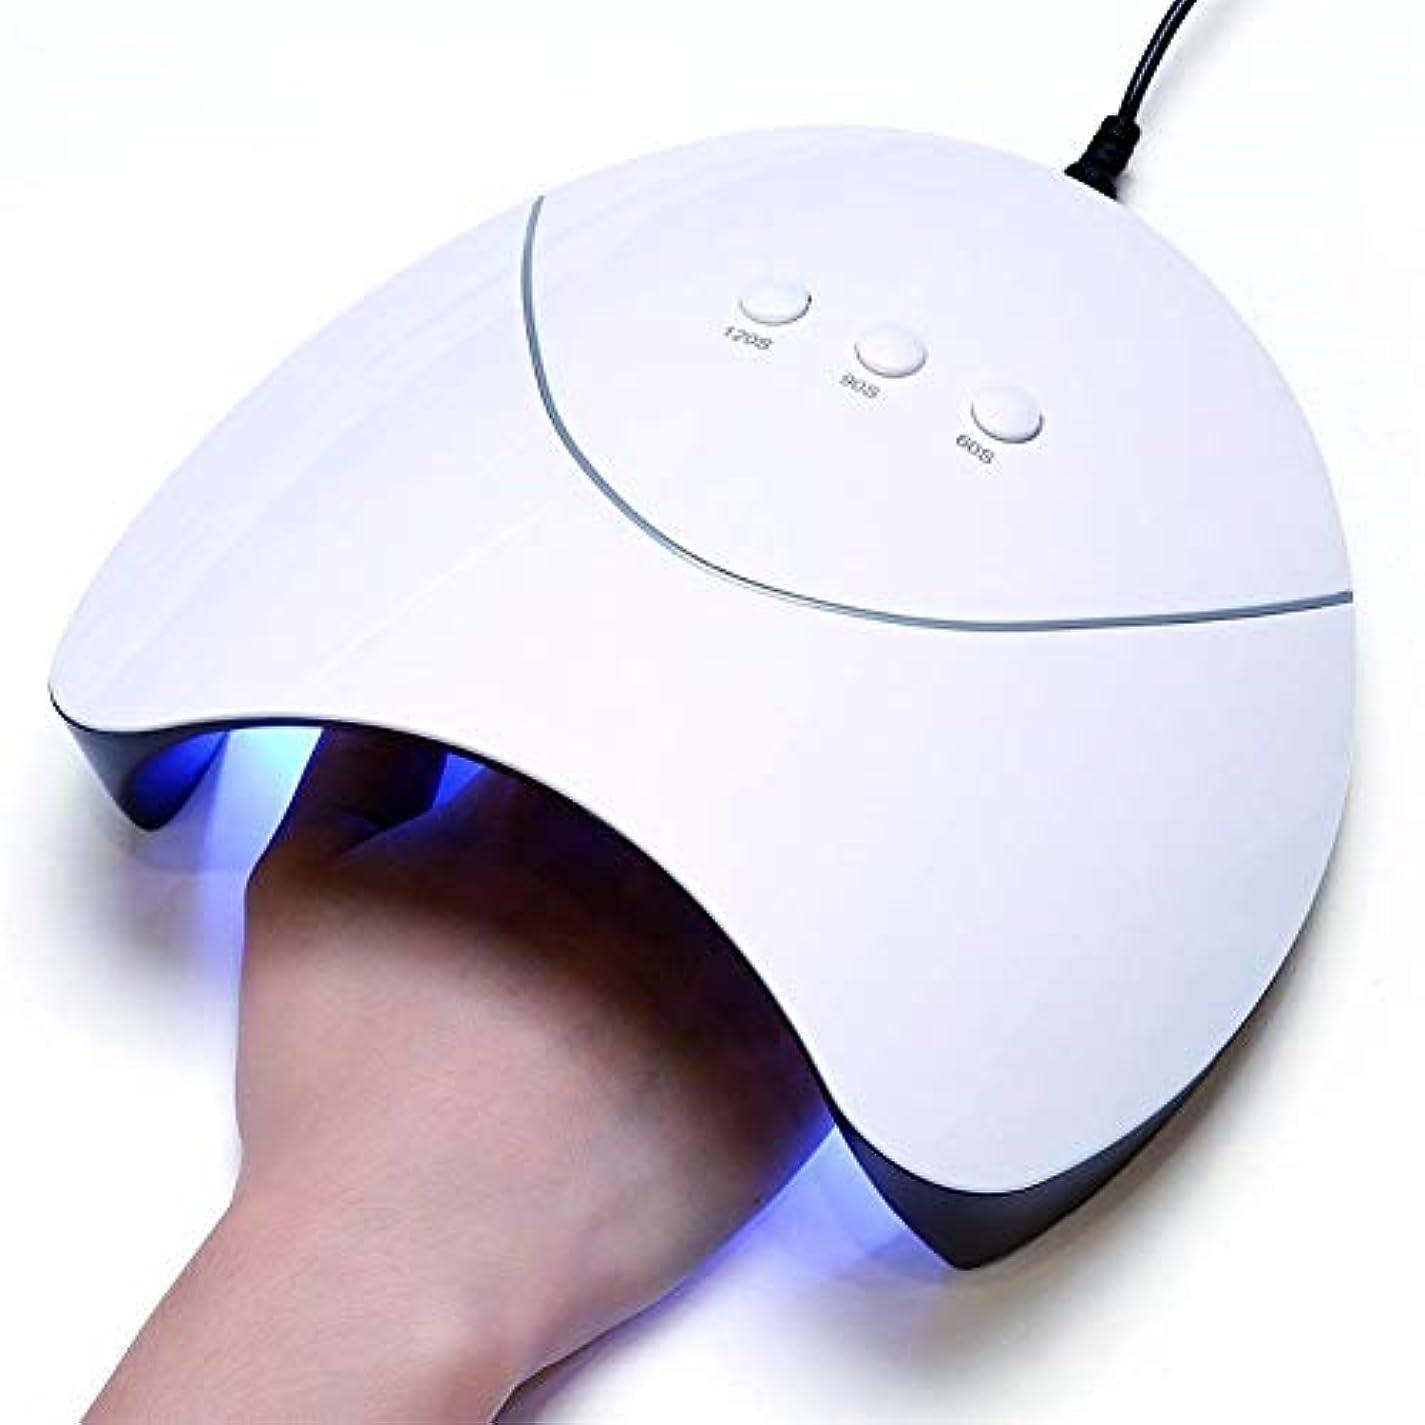 アミューズメント拒否ヒゲクジラネイルドライヤー、ゲル12LEDs USBケーブルのための紫外線釘ランプUSBの釘のニスのドライヤー機械はランプツールスマートセンサーの白を導きました